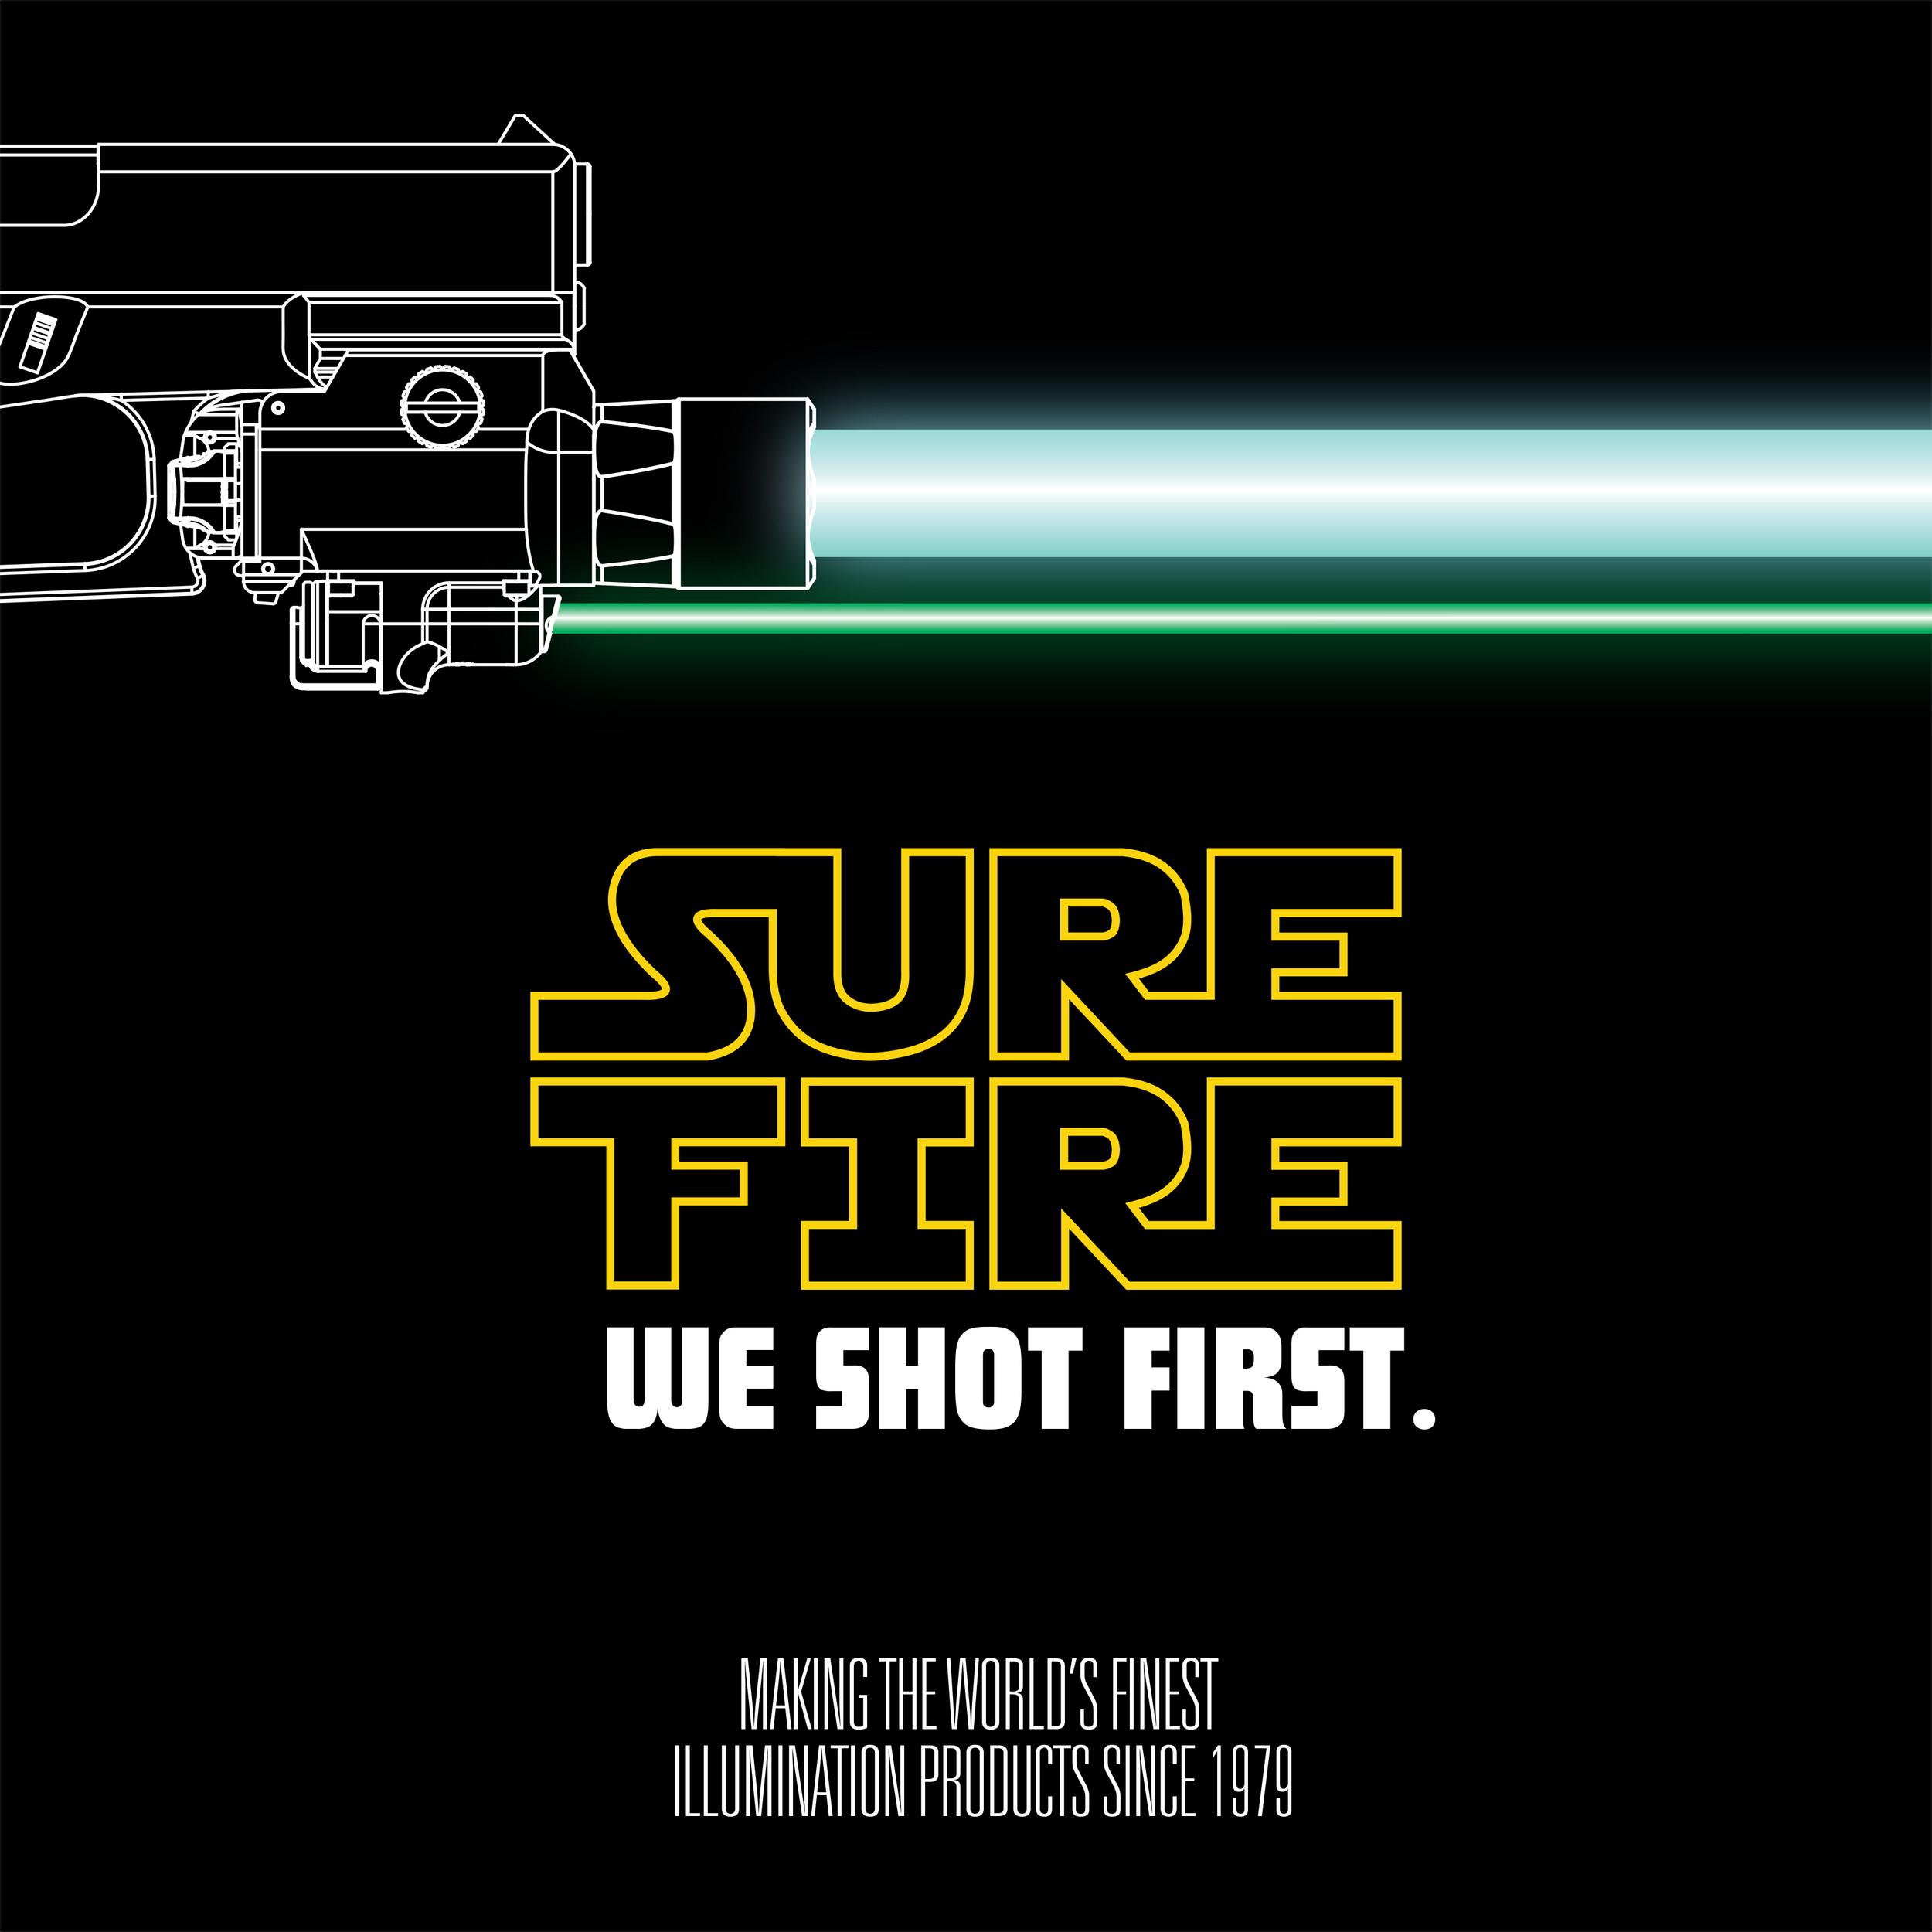 Star-Wars-shot-first.jpg